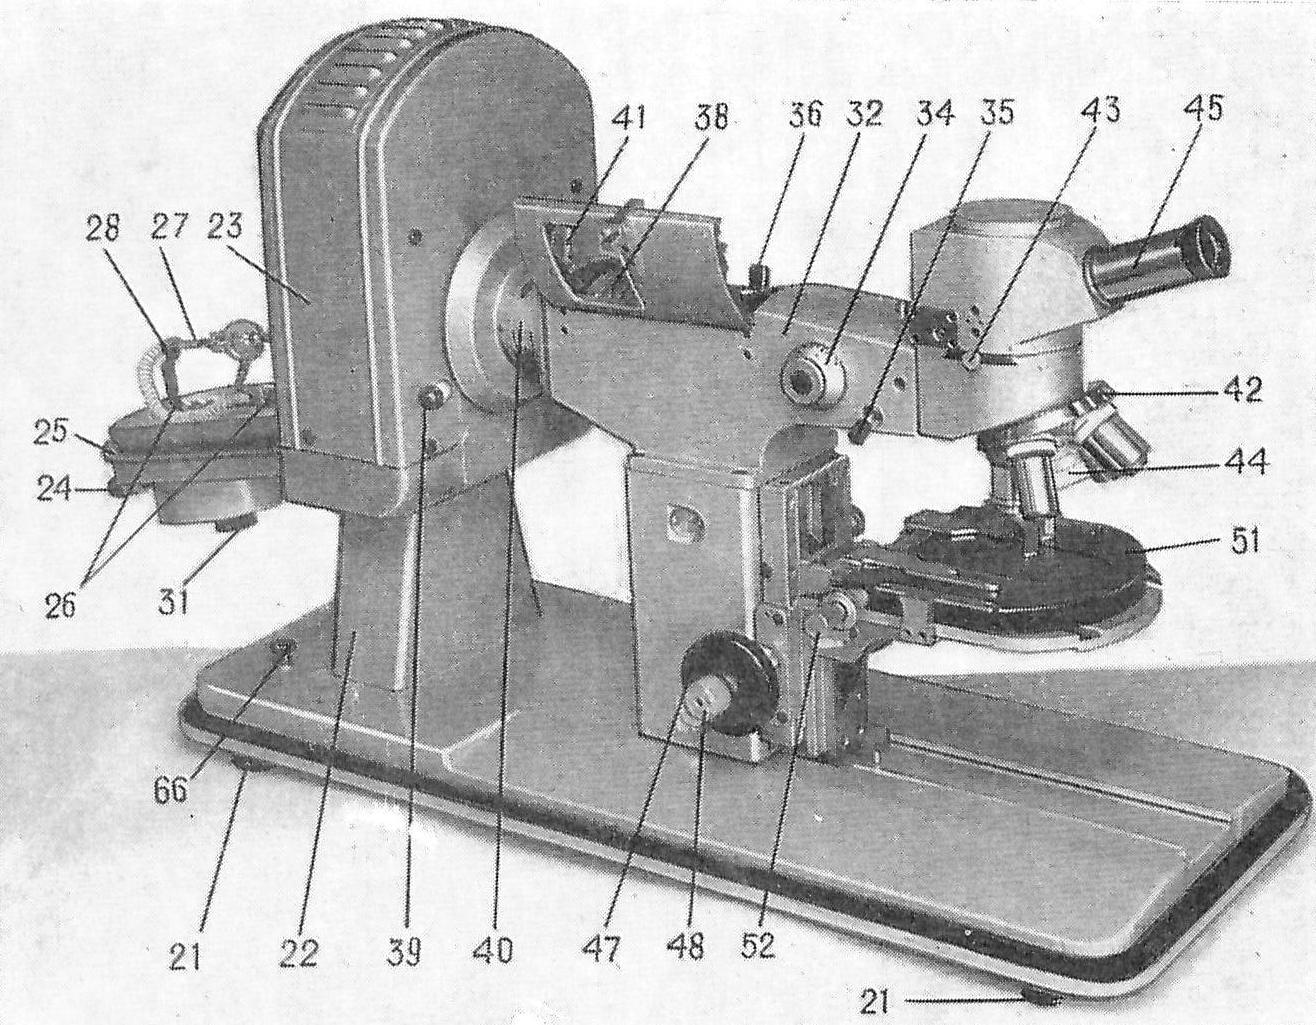 микроскоп люминесцентный дорожный млд-1 рис. 7